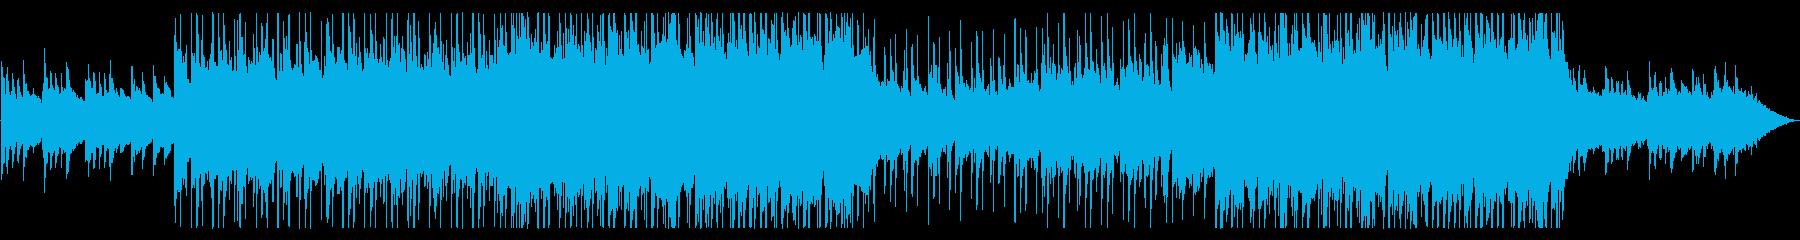 疾走感と哀愁あるメロのピアノポップの再生済みの波形